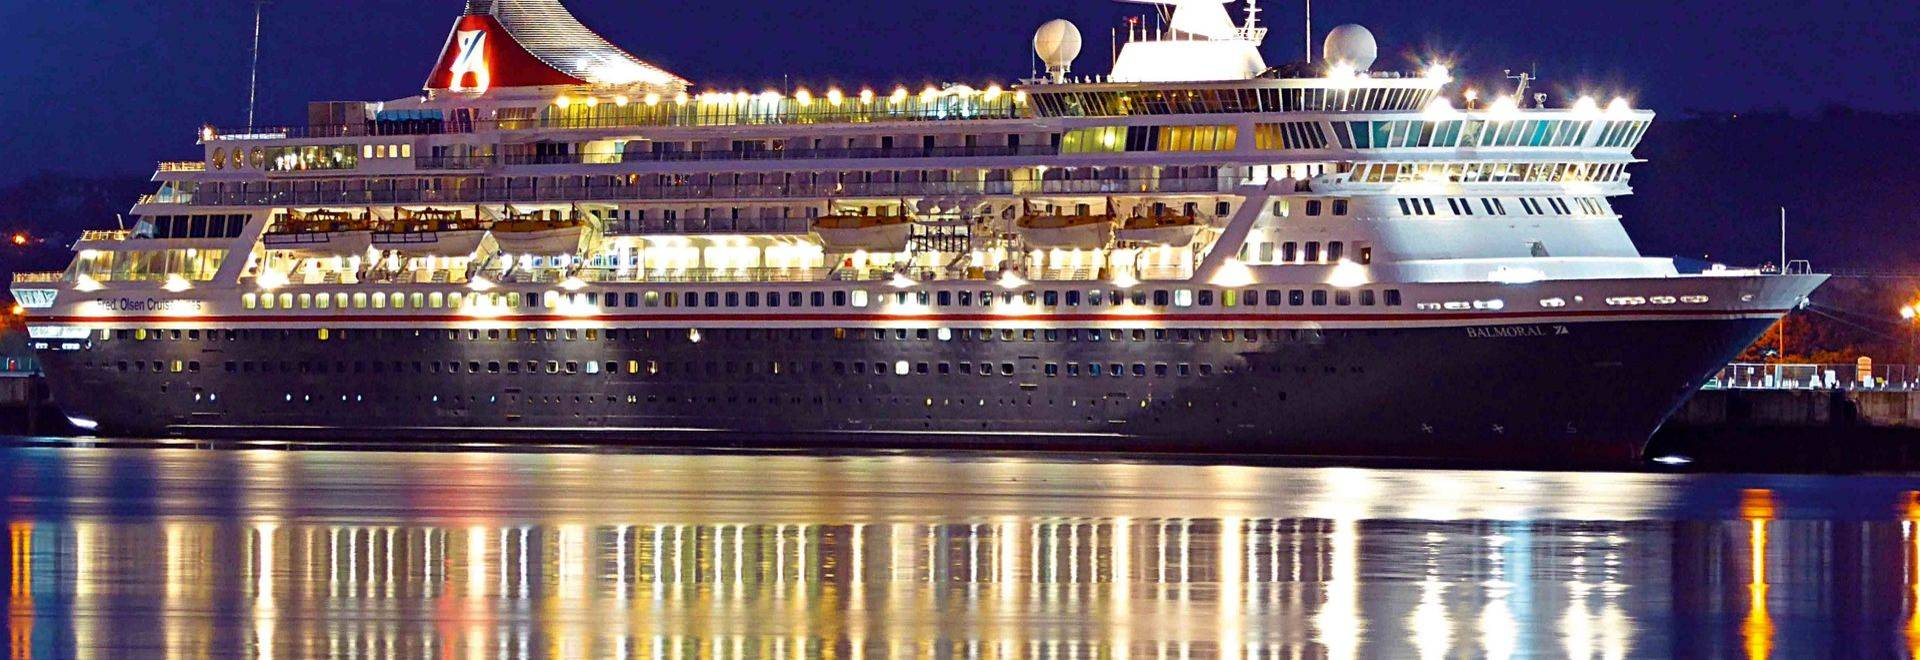 Balmoral docked in Belfast